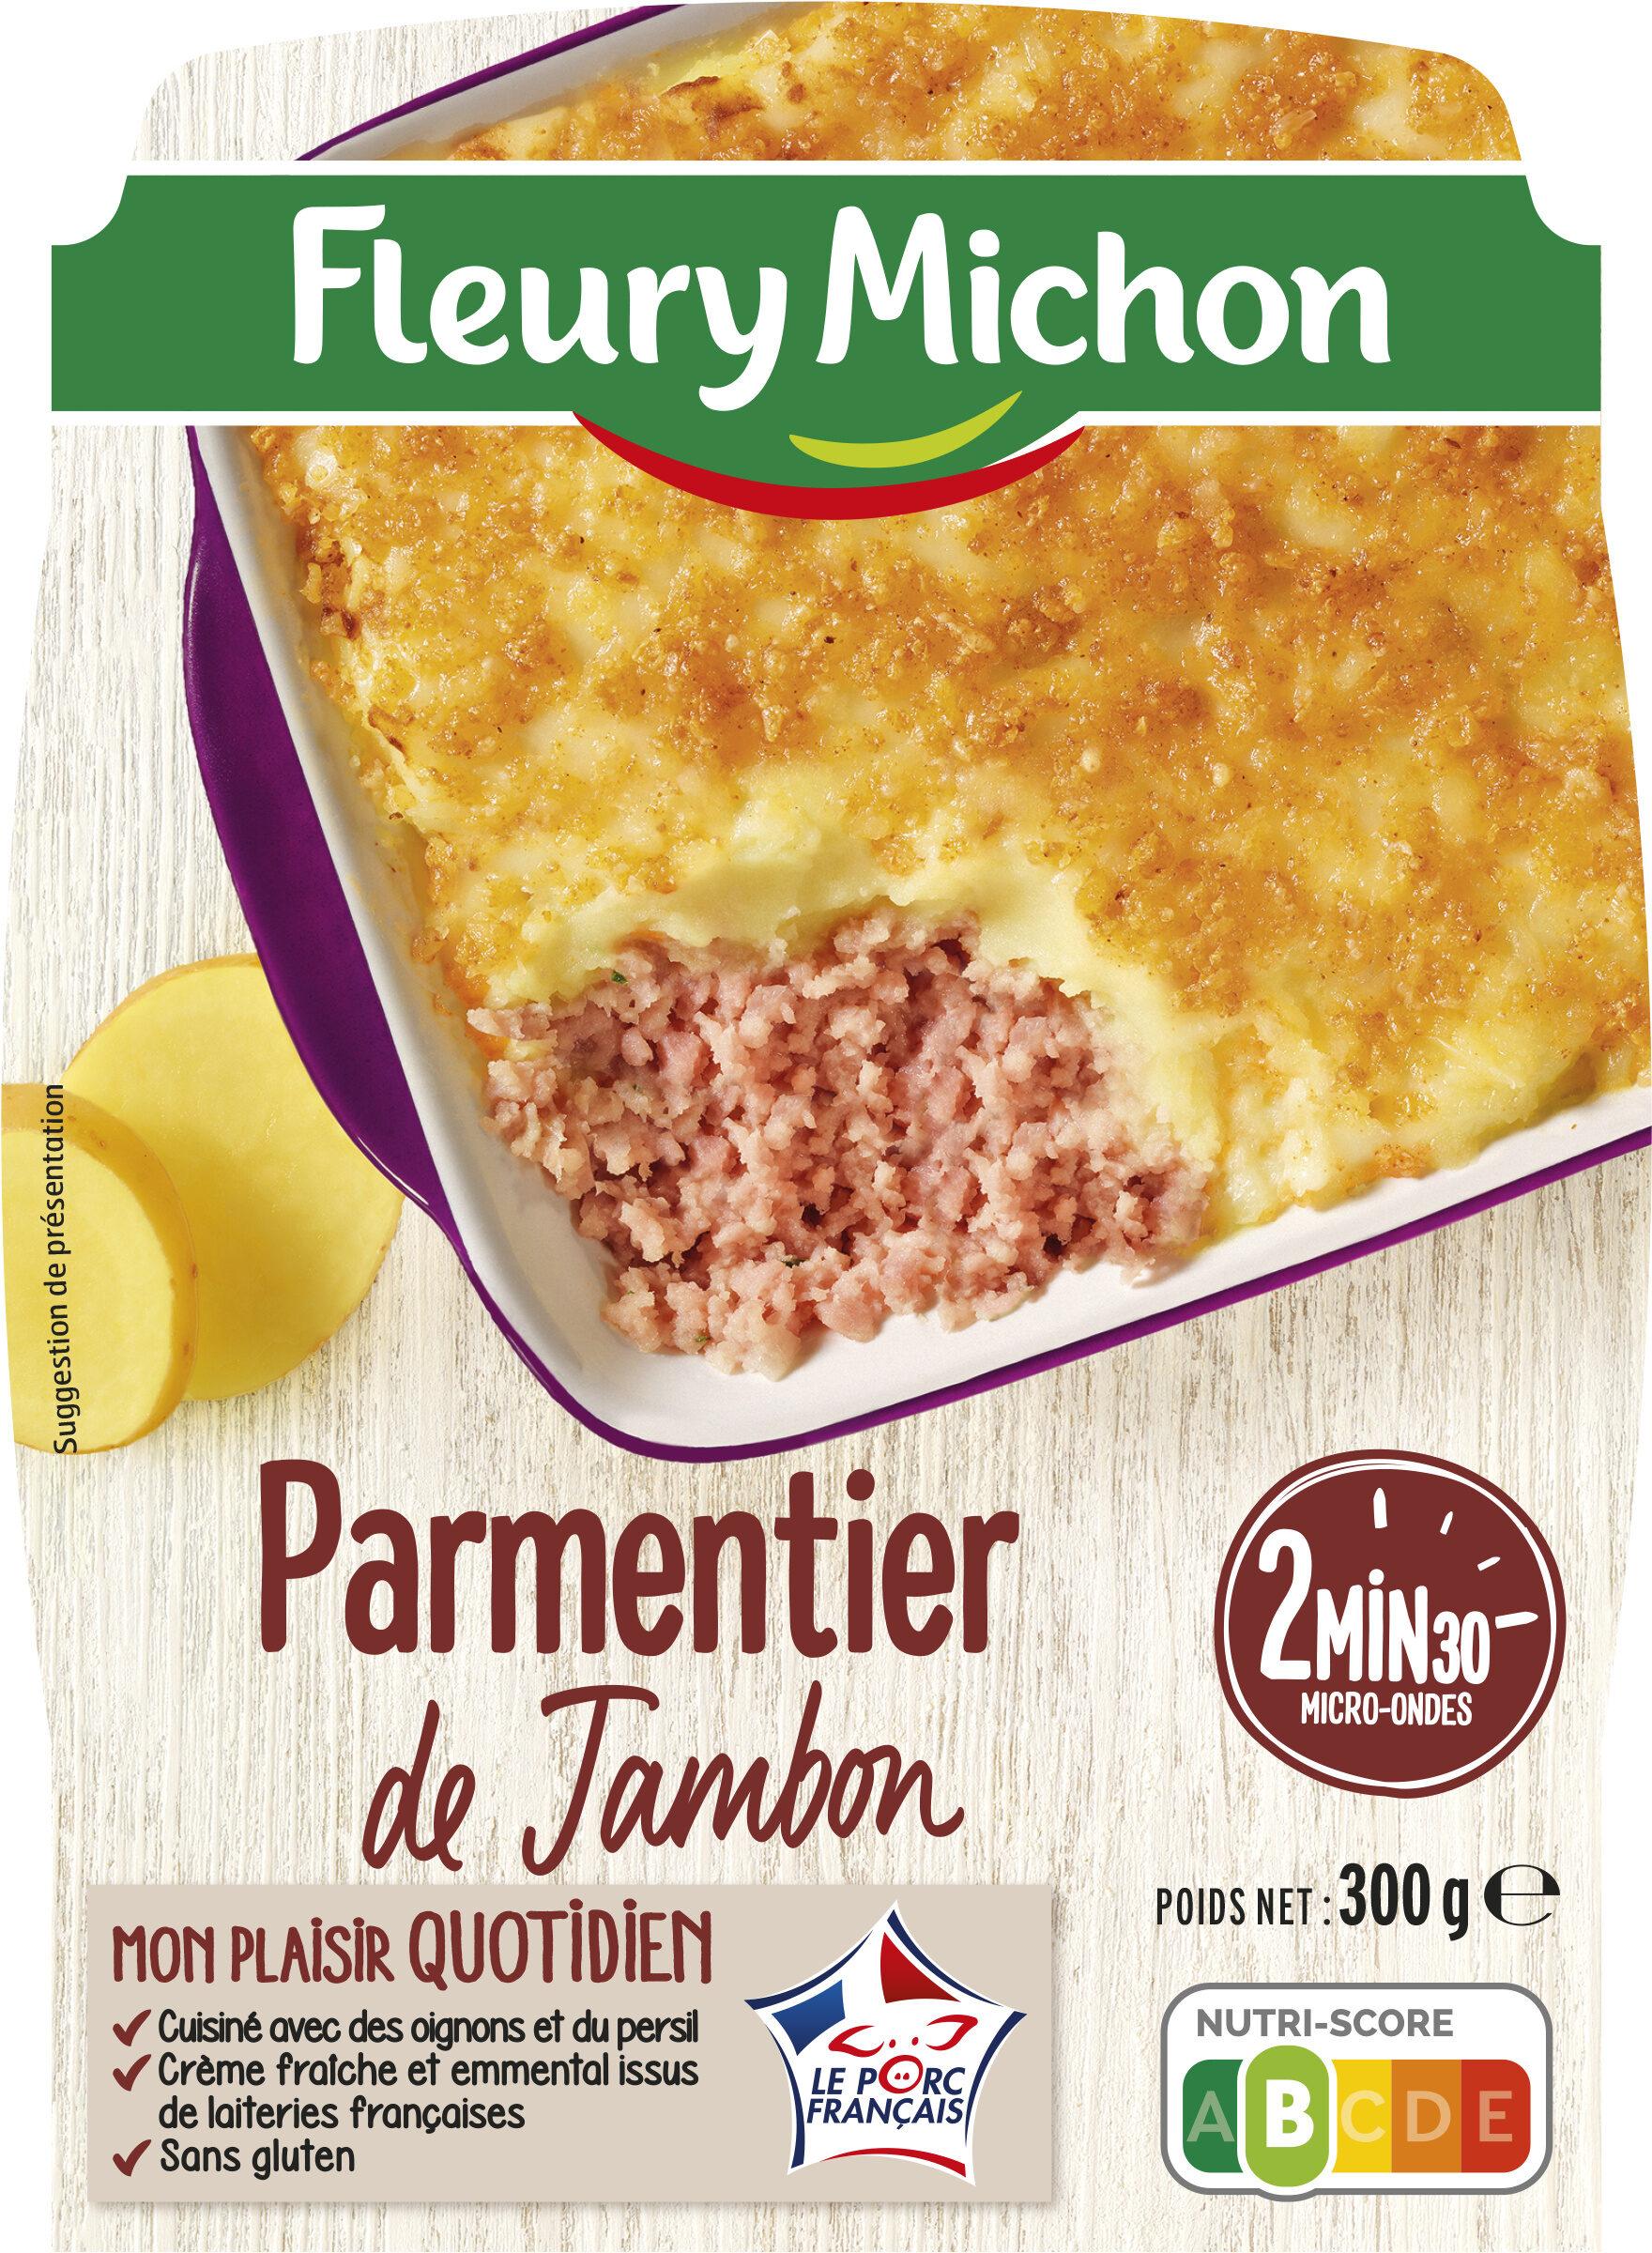 Parmentier de Jambon Emmental Gratiné - Produit